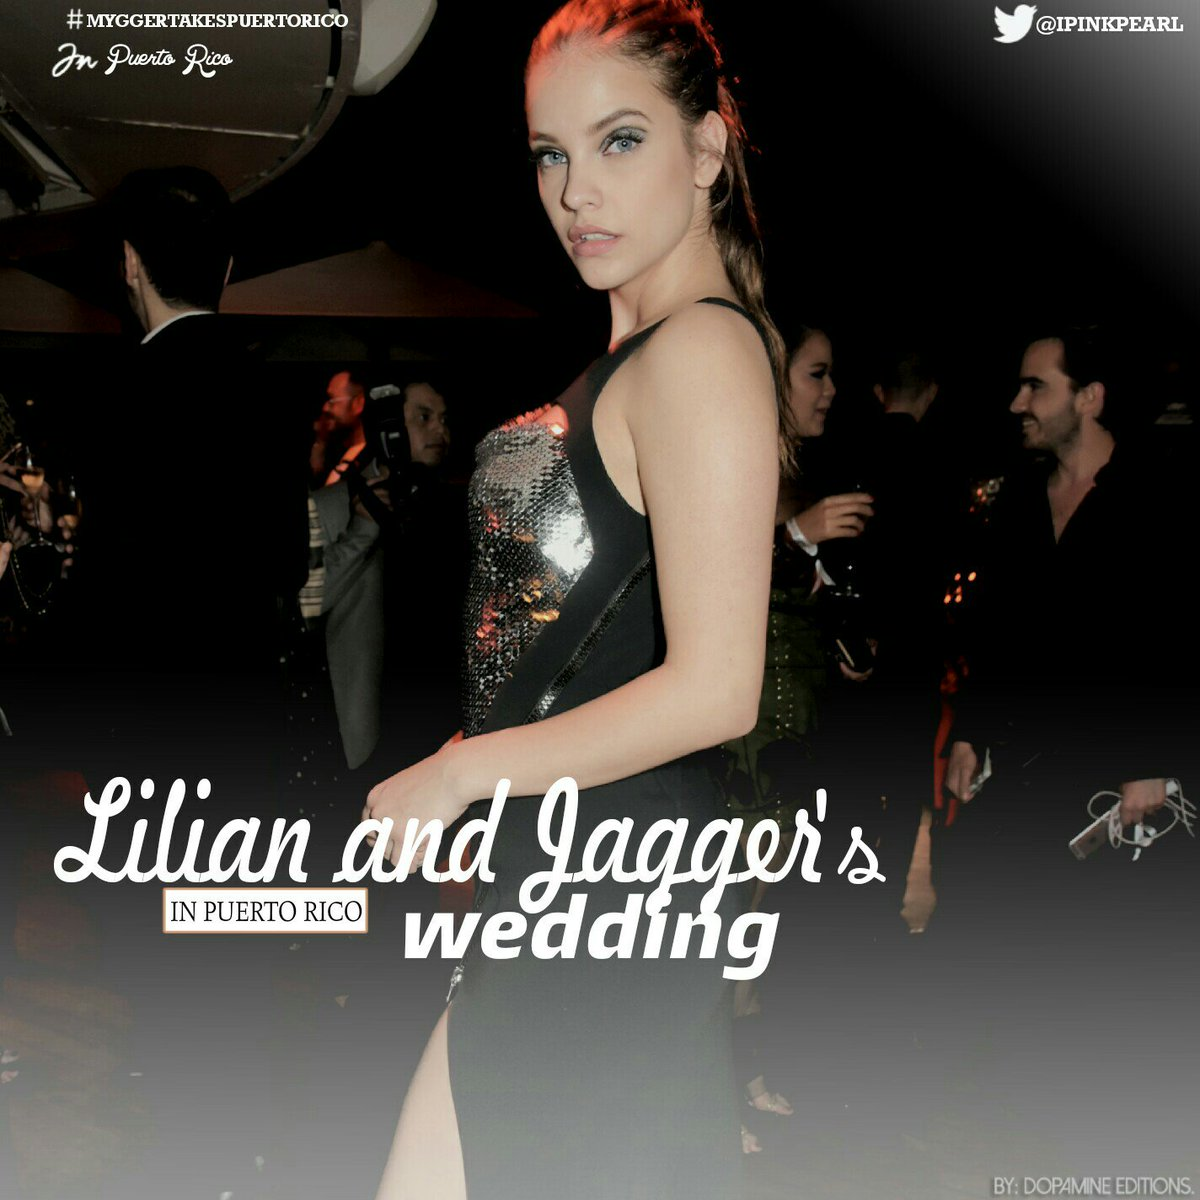 ♡┊ #MyggerTakesPuertoRico  Estoy muy contenta de haber podido acompañar a Lilian y Jagger en éste día tan mágico y especial para ellos, sin duda todo ha estado tan emotivo e impecable. Les deseo lo mejor del mundo, que su amor perdure por siempre.